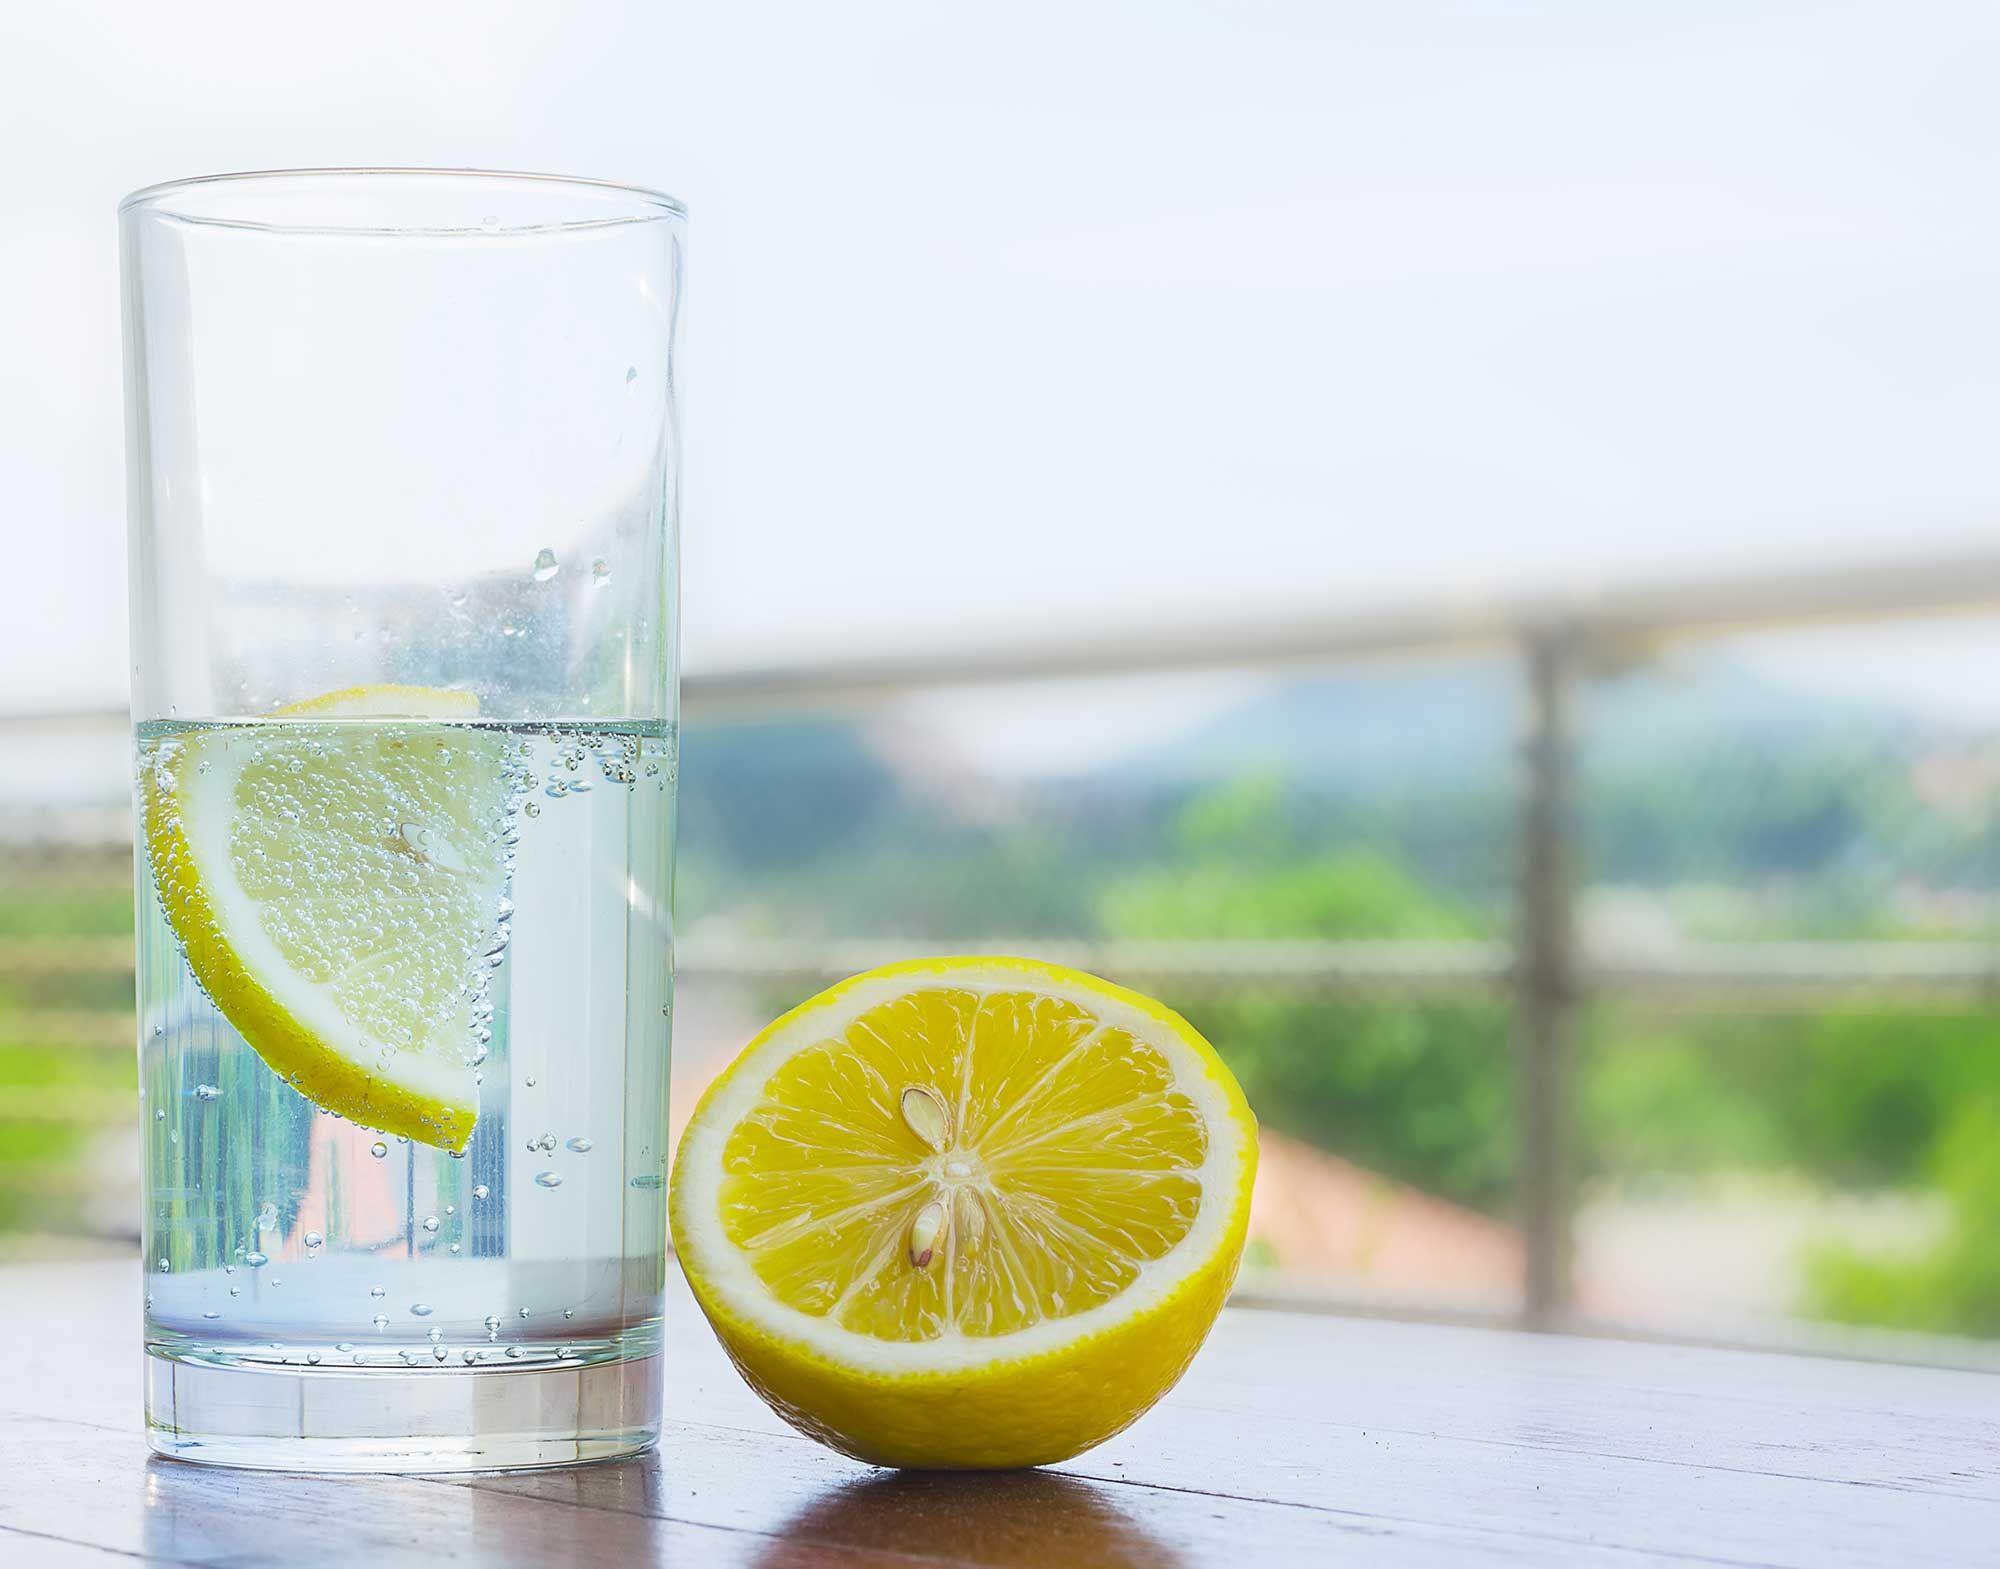 acqua fredda con digiuno al limone per perdere peso